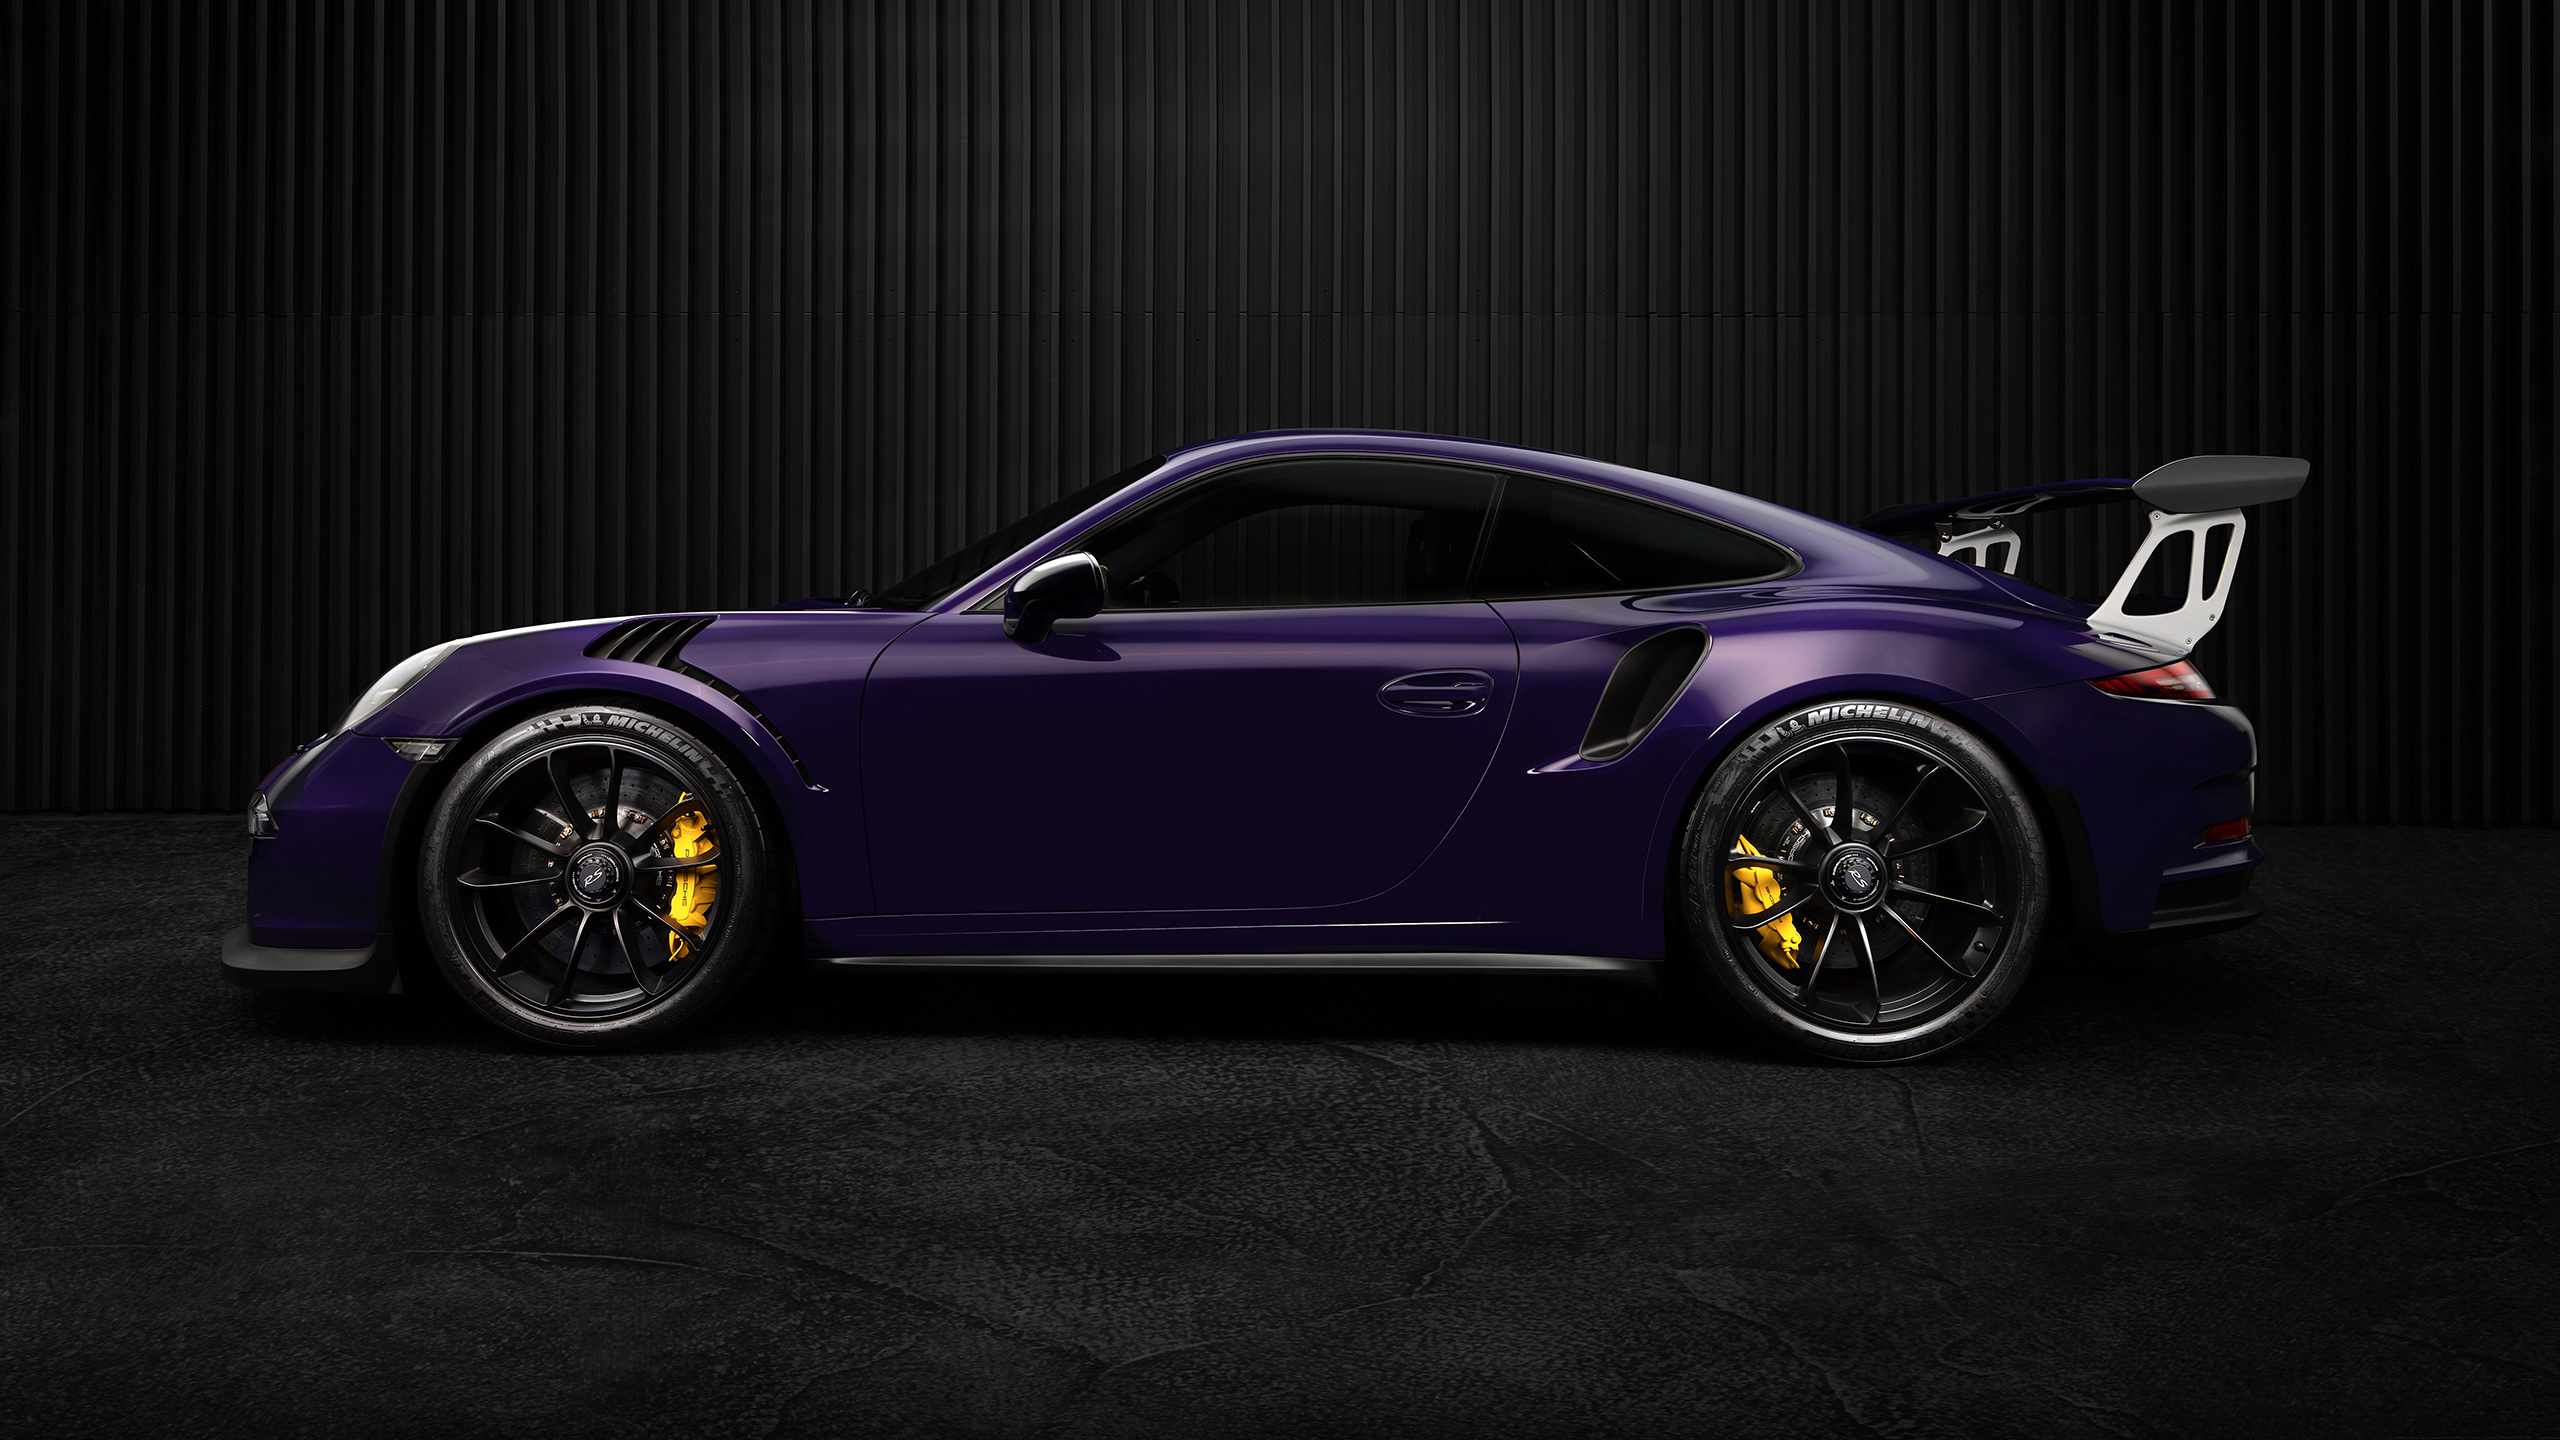 Porsche 911 GT3 RS 1 2020